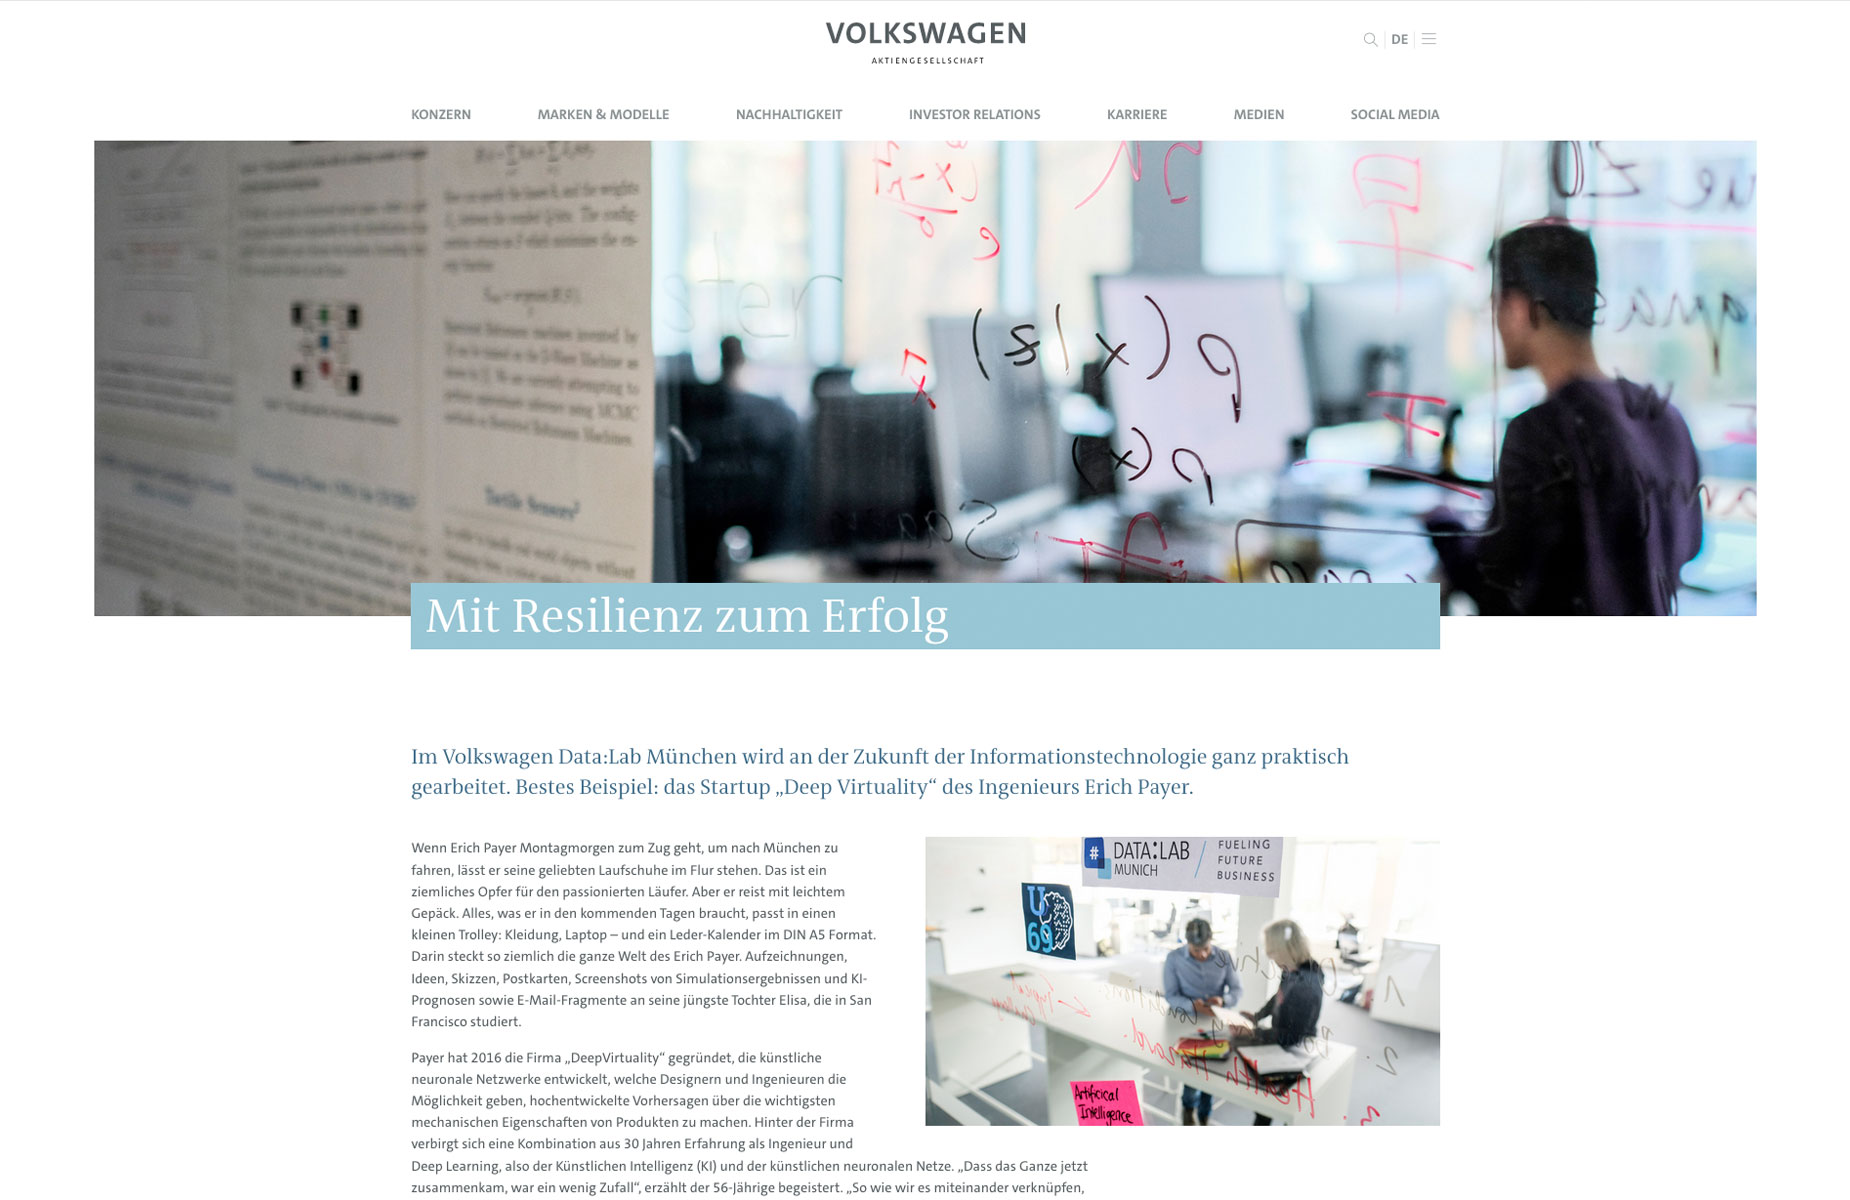 Volkswagen-Data-Lab-Muenchen